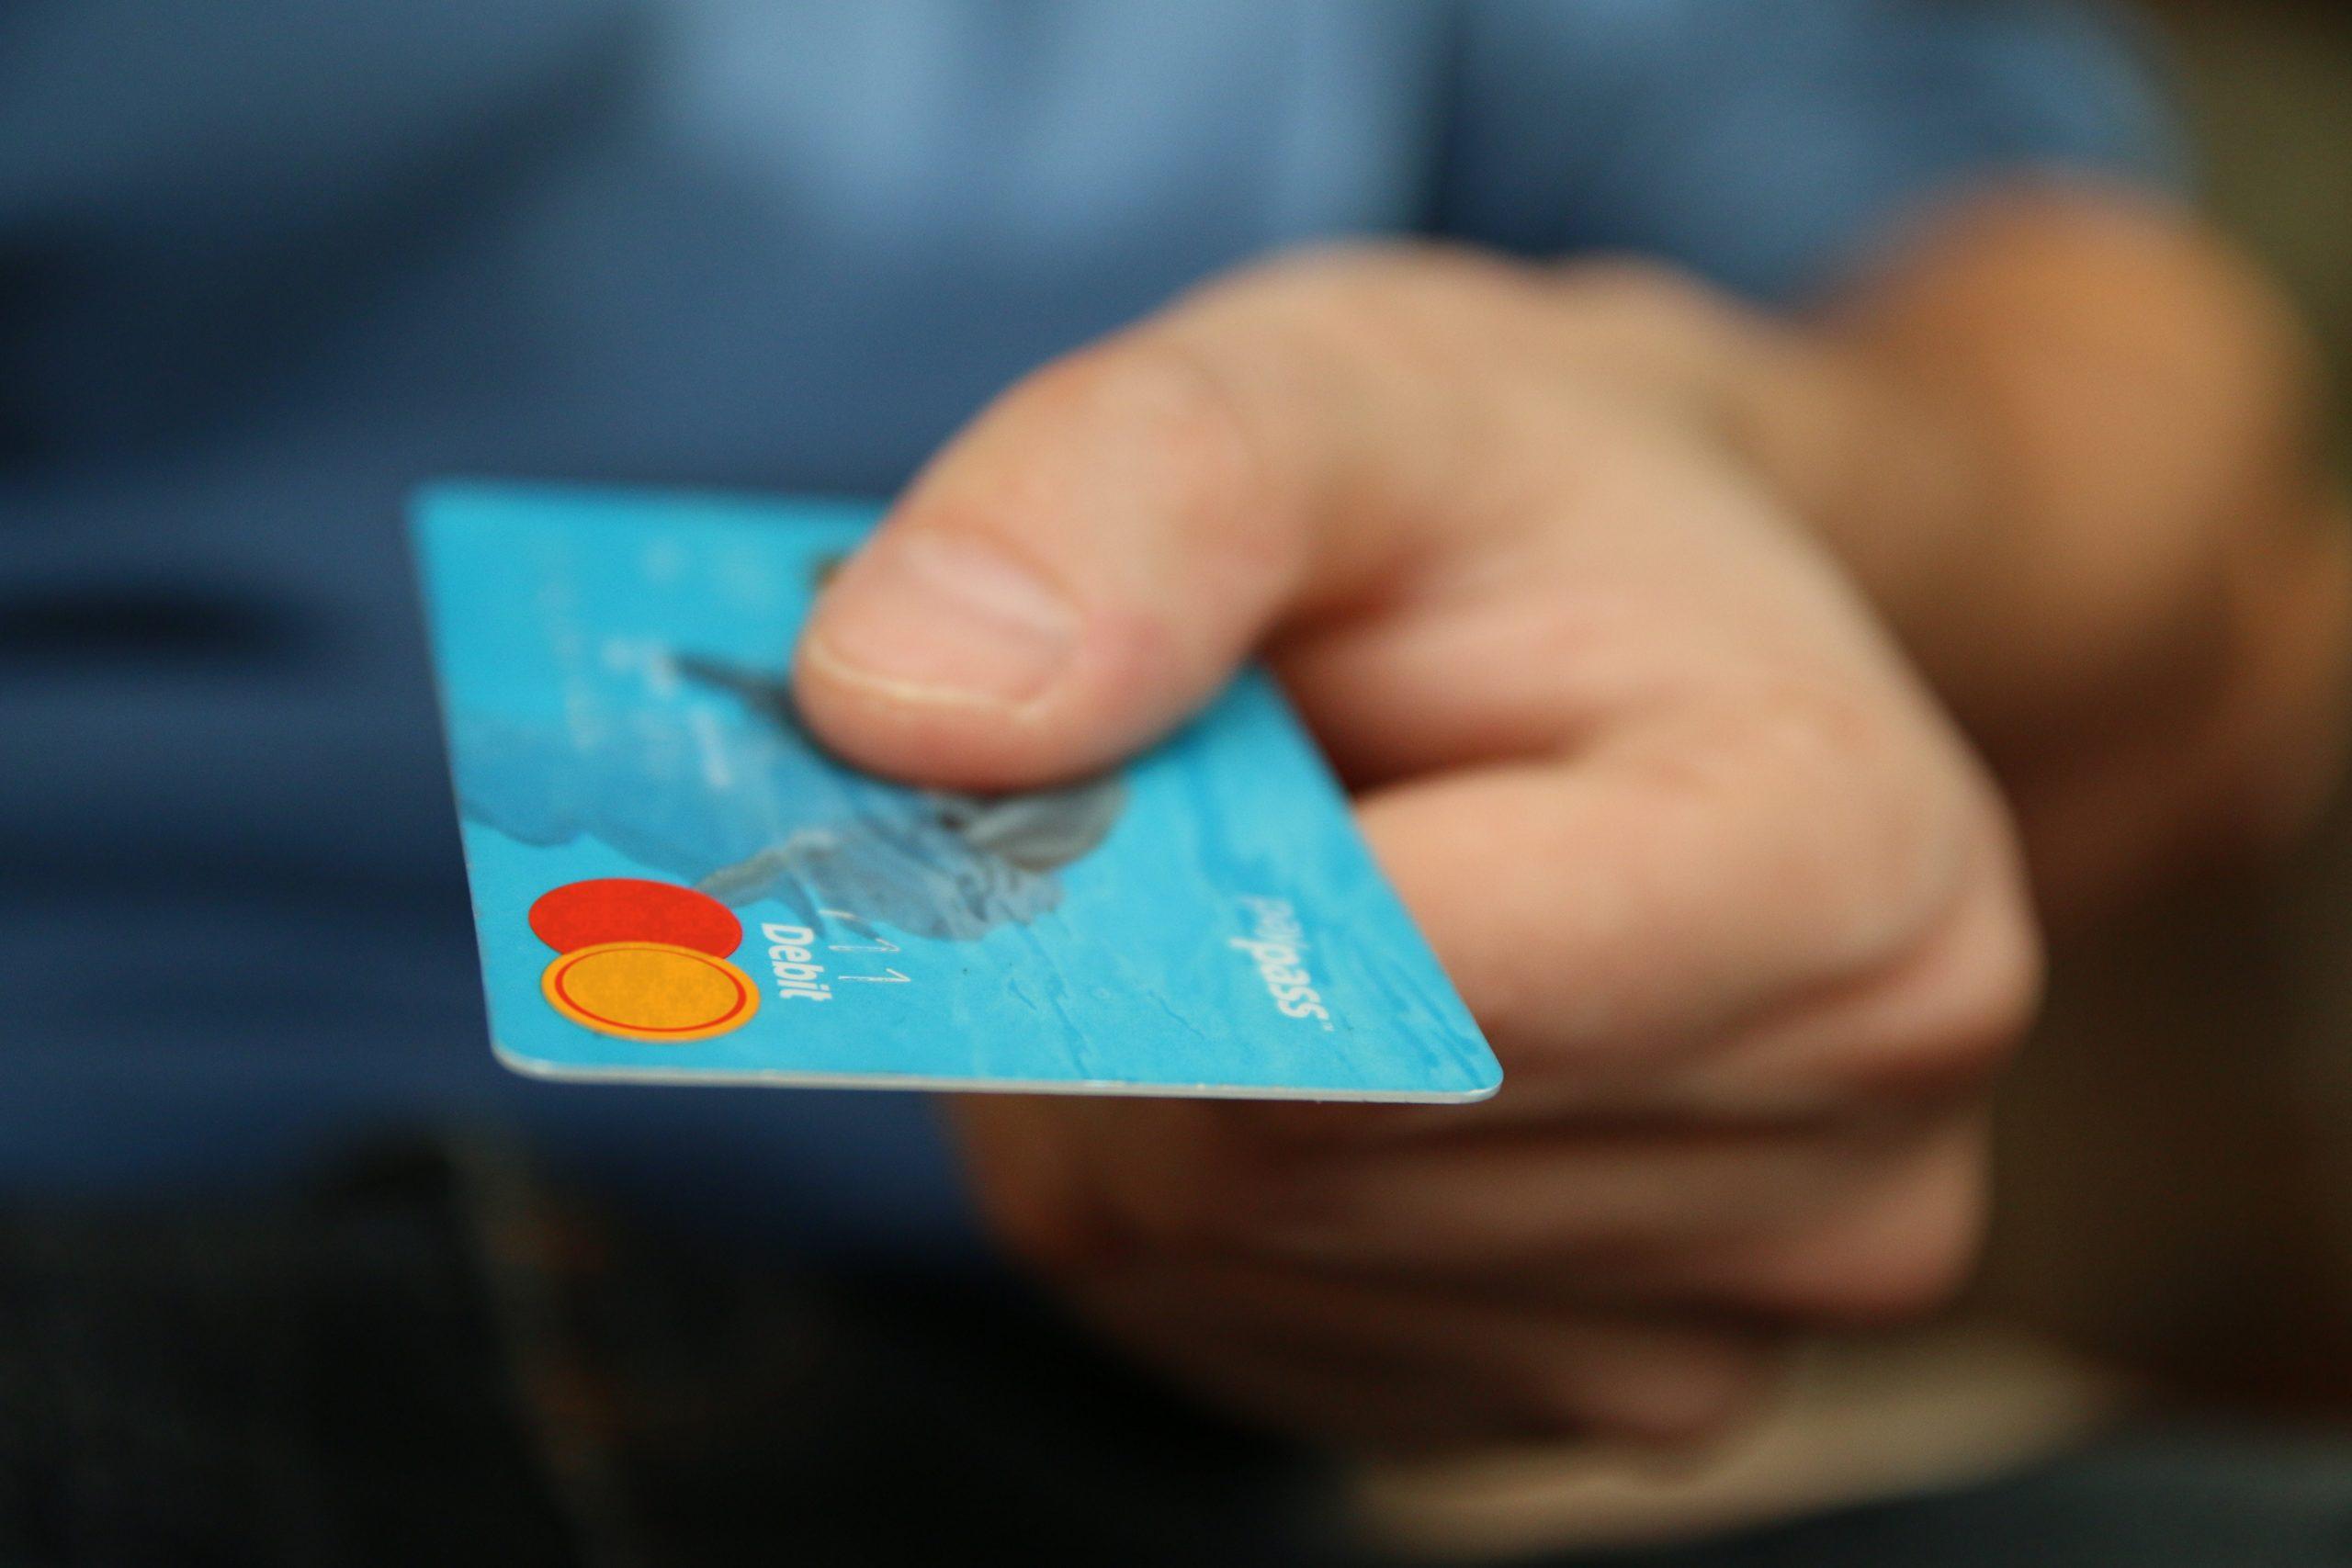 Mão Segurando Cartão De Crédito, Ilustrando A Ideia De Liberação De Crédito